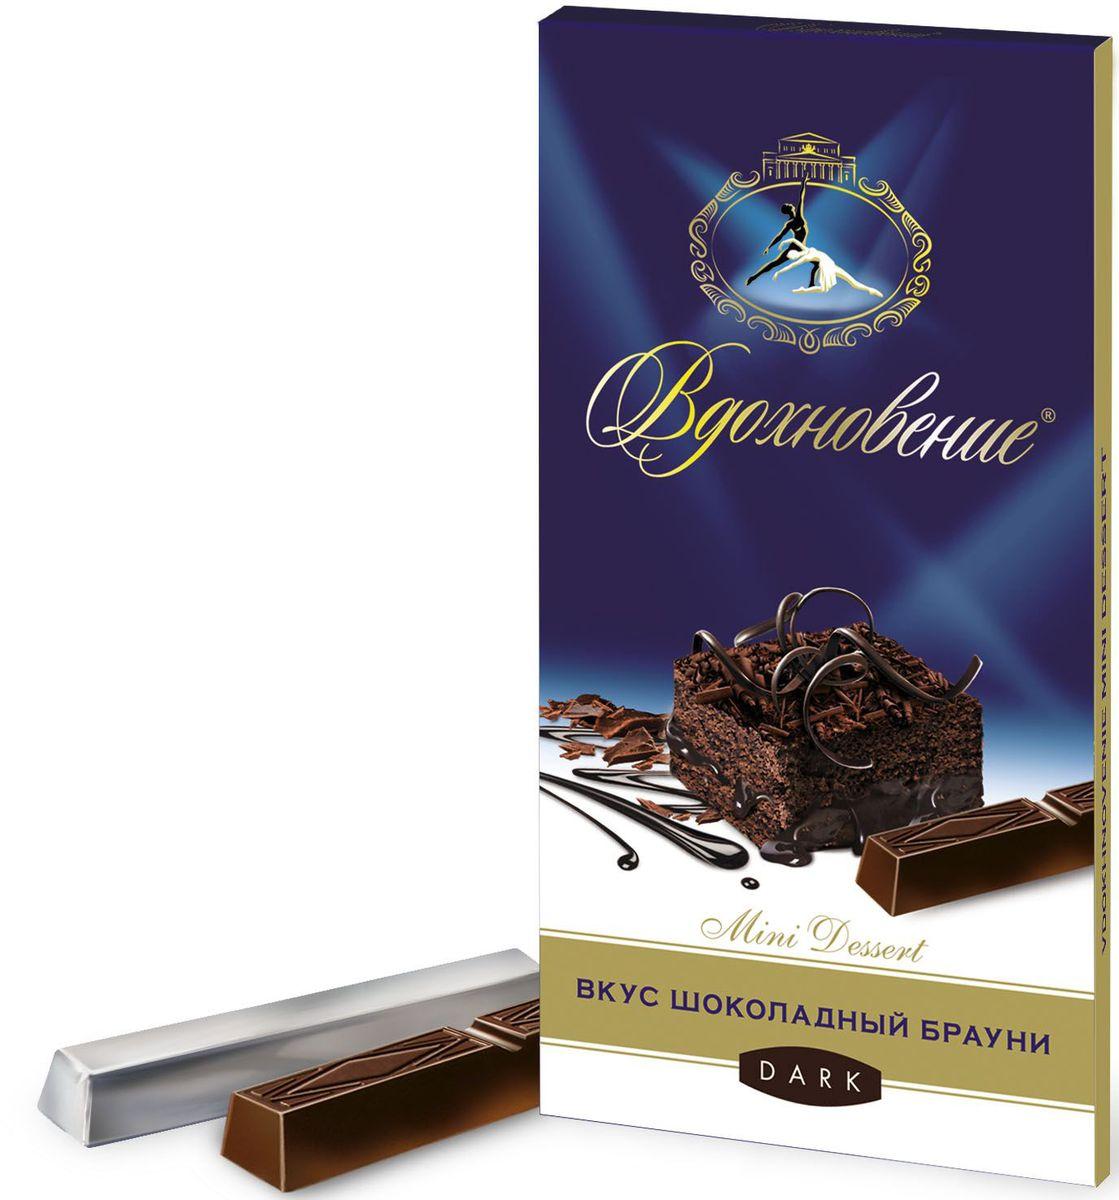 Бабаевский Вдохновение Mini Dessert вкус Шоколадный брауни темный шоколад,100 гББ14091Гордость бренда Бабаевский - высококачественный темный шоколад, созданный с использованием отборных какао бобов и какао масла.